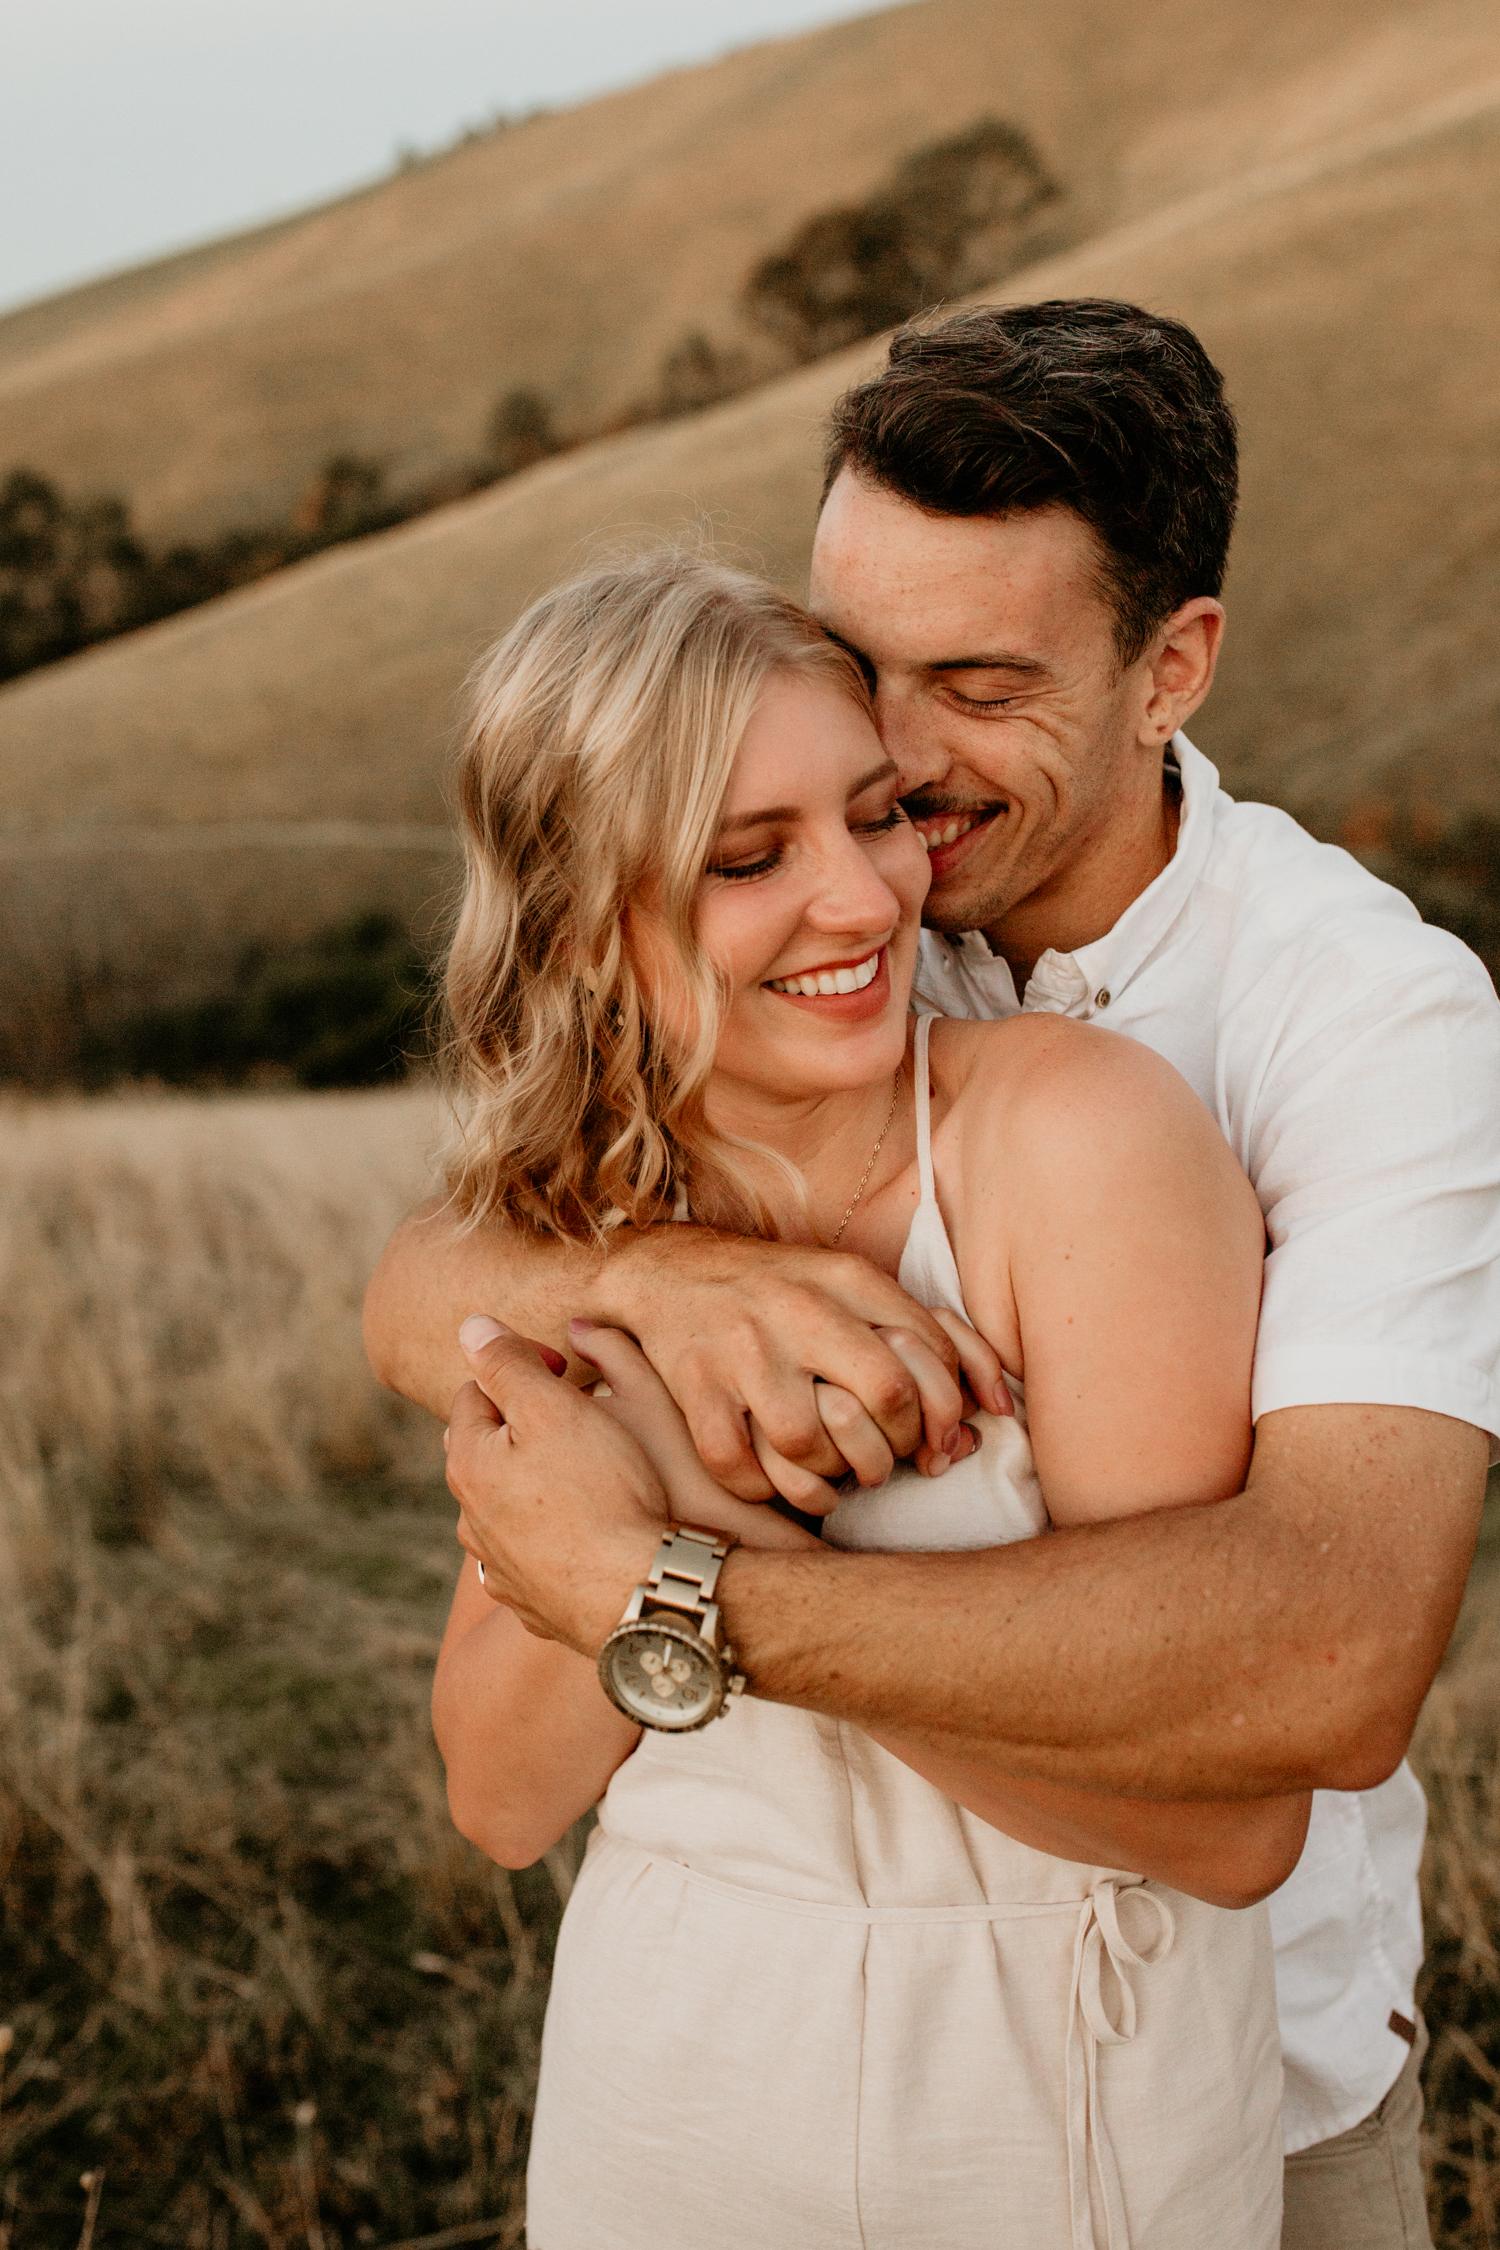 NessChrisWatson-NewZealandPhotographer-GoldenHour-Couple-Adventure-6440.jpg